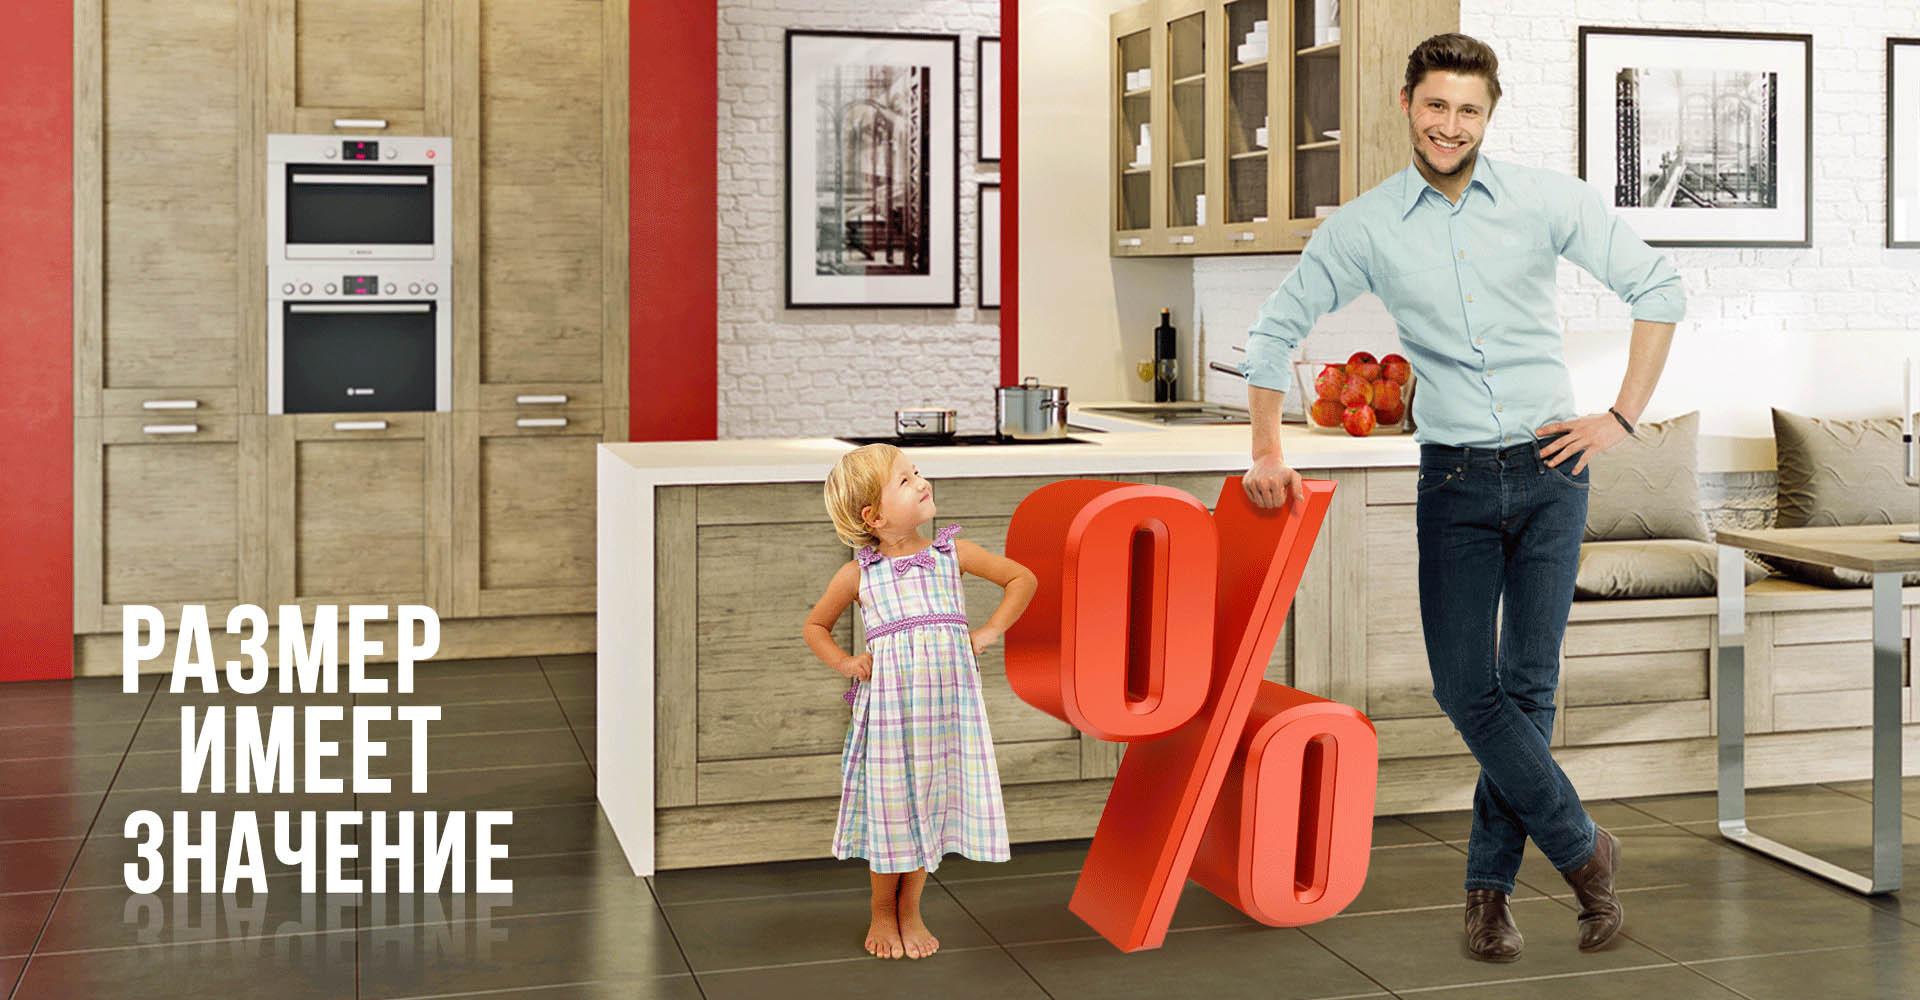 фотографии рекламы по мебели дизайн